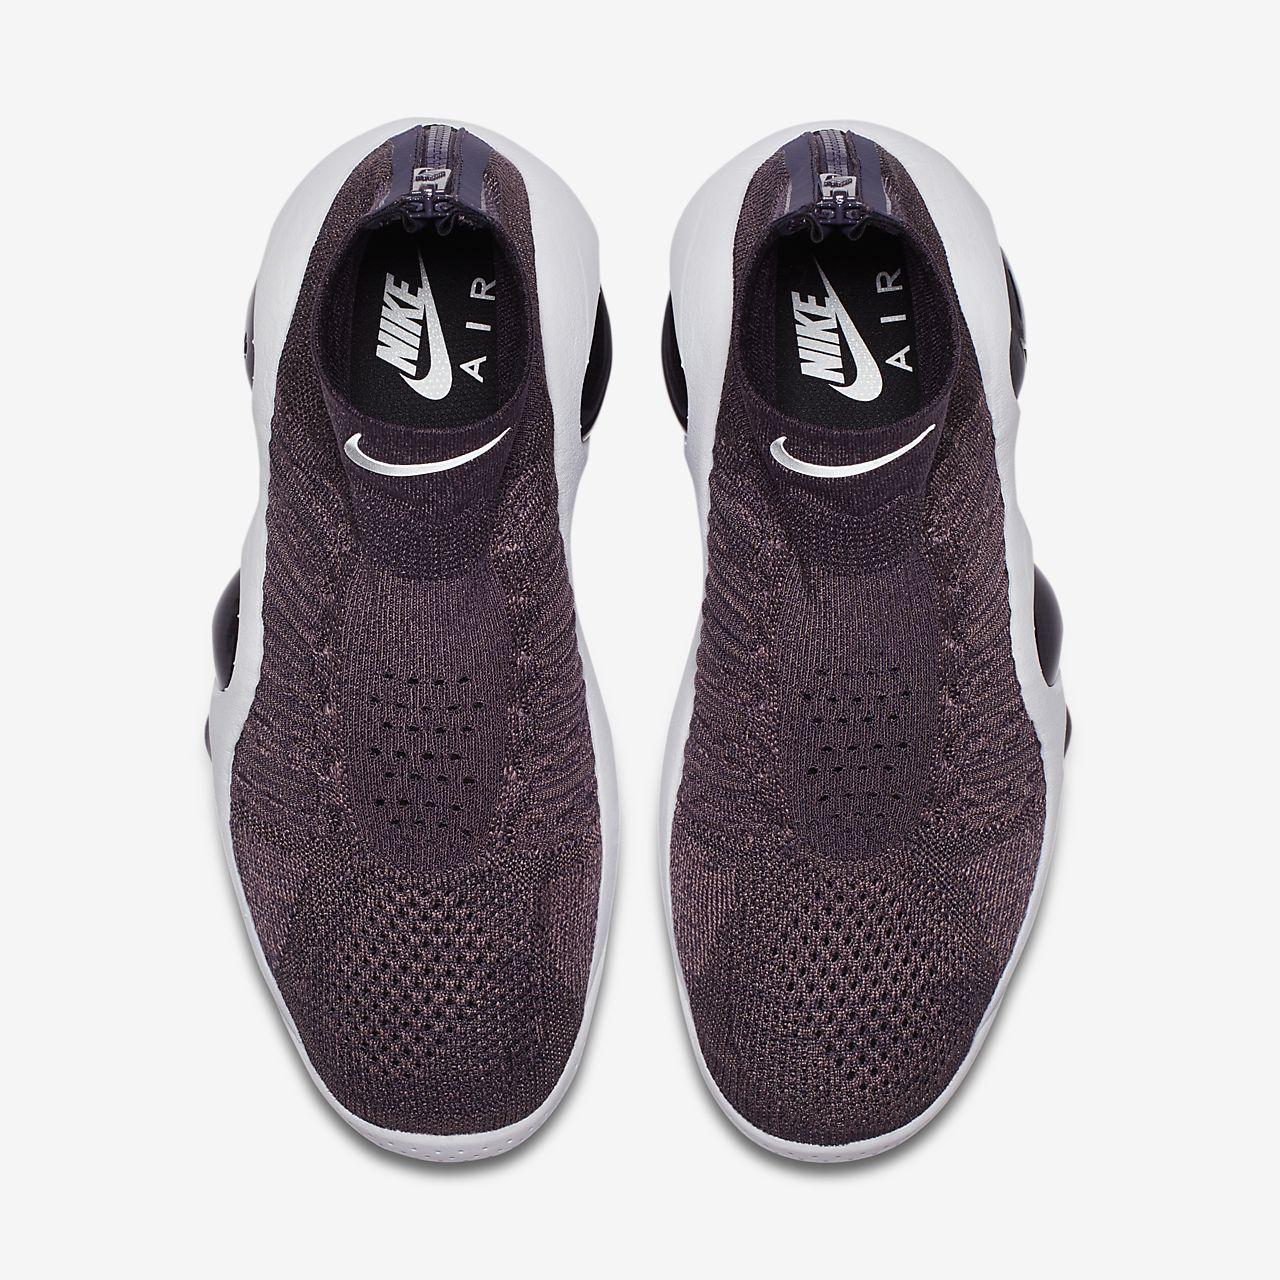 6a0644d83651 Nike Flight Bonafide Zapatillas - Hombre. Nike.com ES